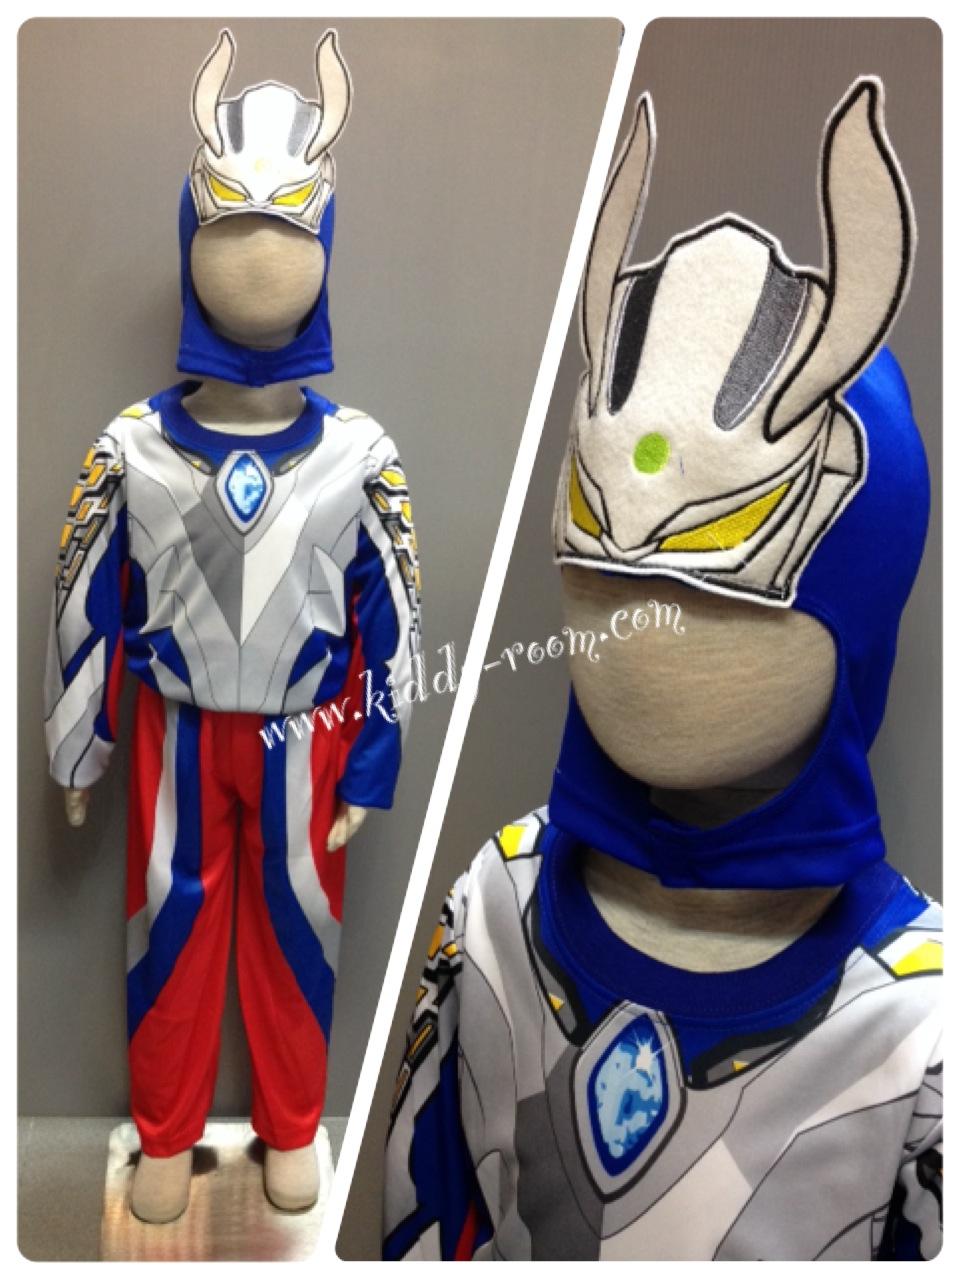 Ultraman Zero (งานลิขสิทธิ์) ชุดแฟนซีเด็กอุลตร้า ซีโร่ 3 ชิ้น เสื้อ กางเกง & หน้ากาก ให้คุณหนูๆ ได้ใส่ตามจิตนาการ ผ้ายืด ใส่สบายค่ะ หรือจะใส่เป็นชุดนอนก็ได้ค่ะ งานสวย ห้ามพลาดนะคะ size S, M, L, XL